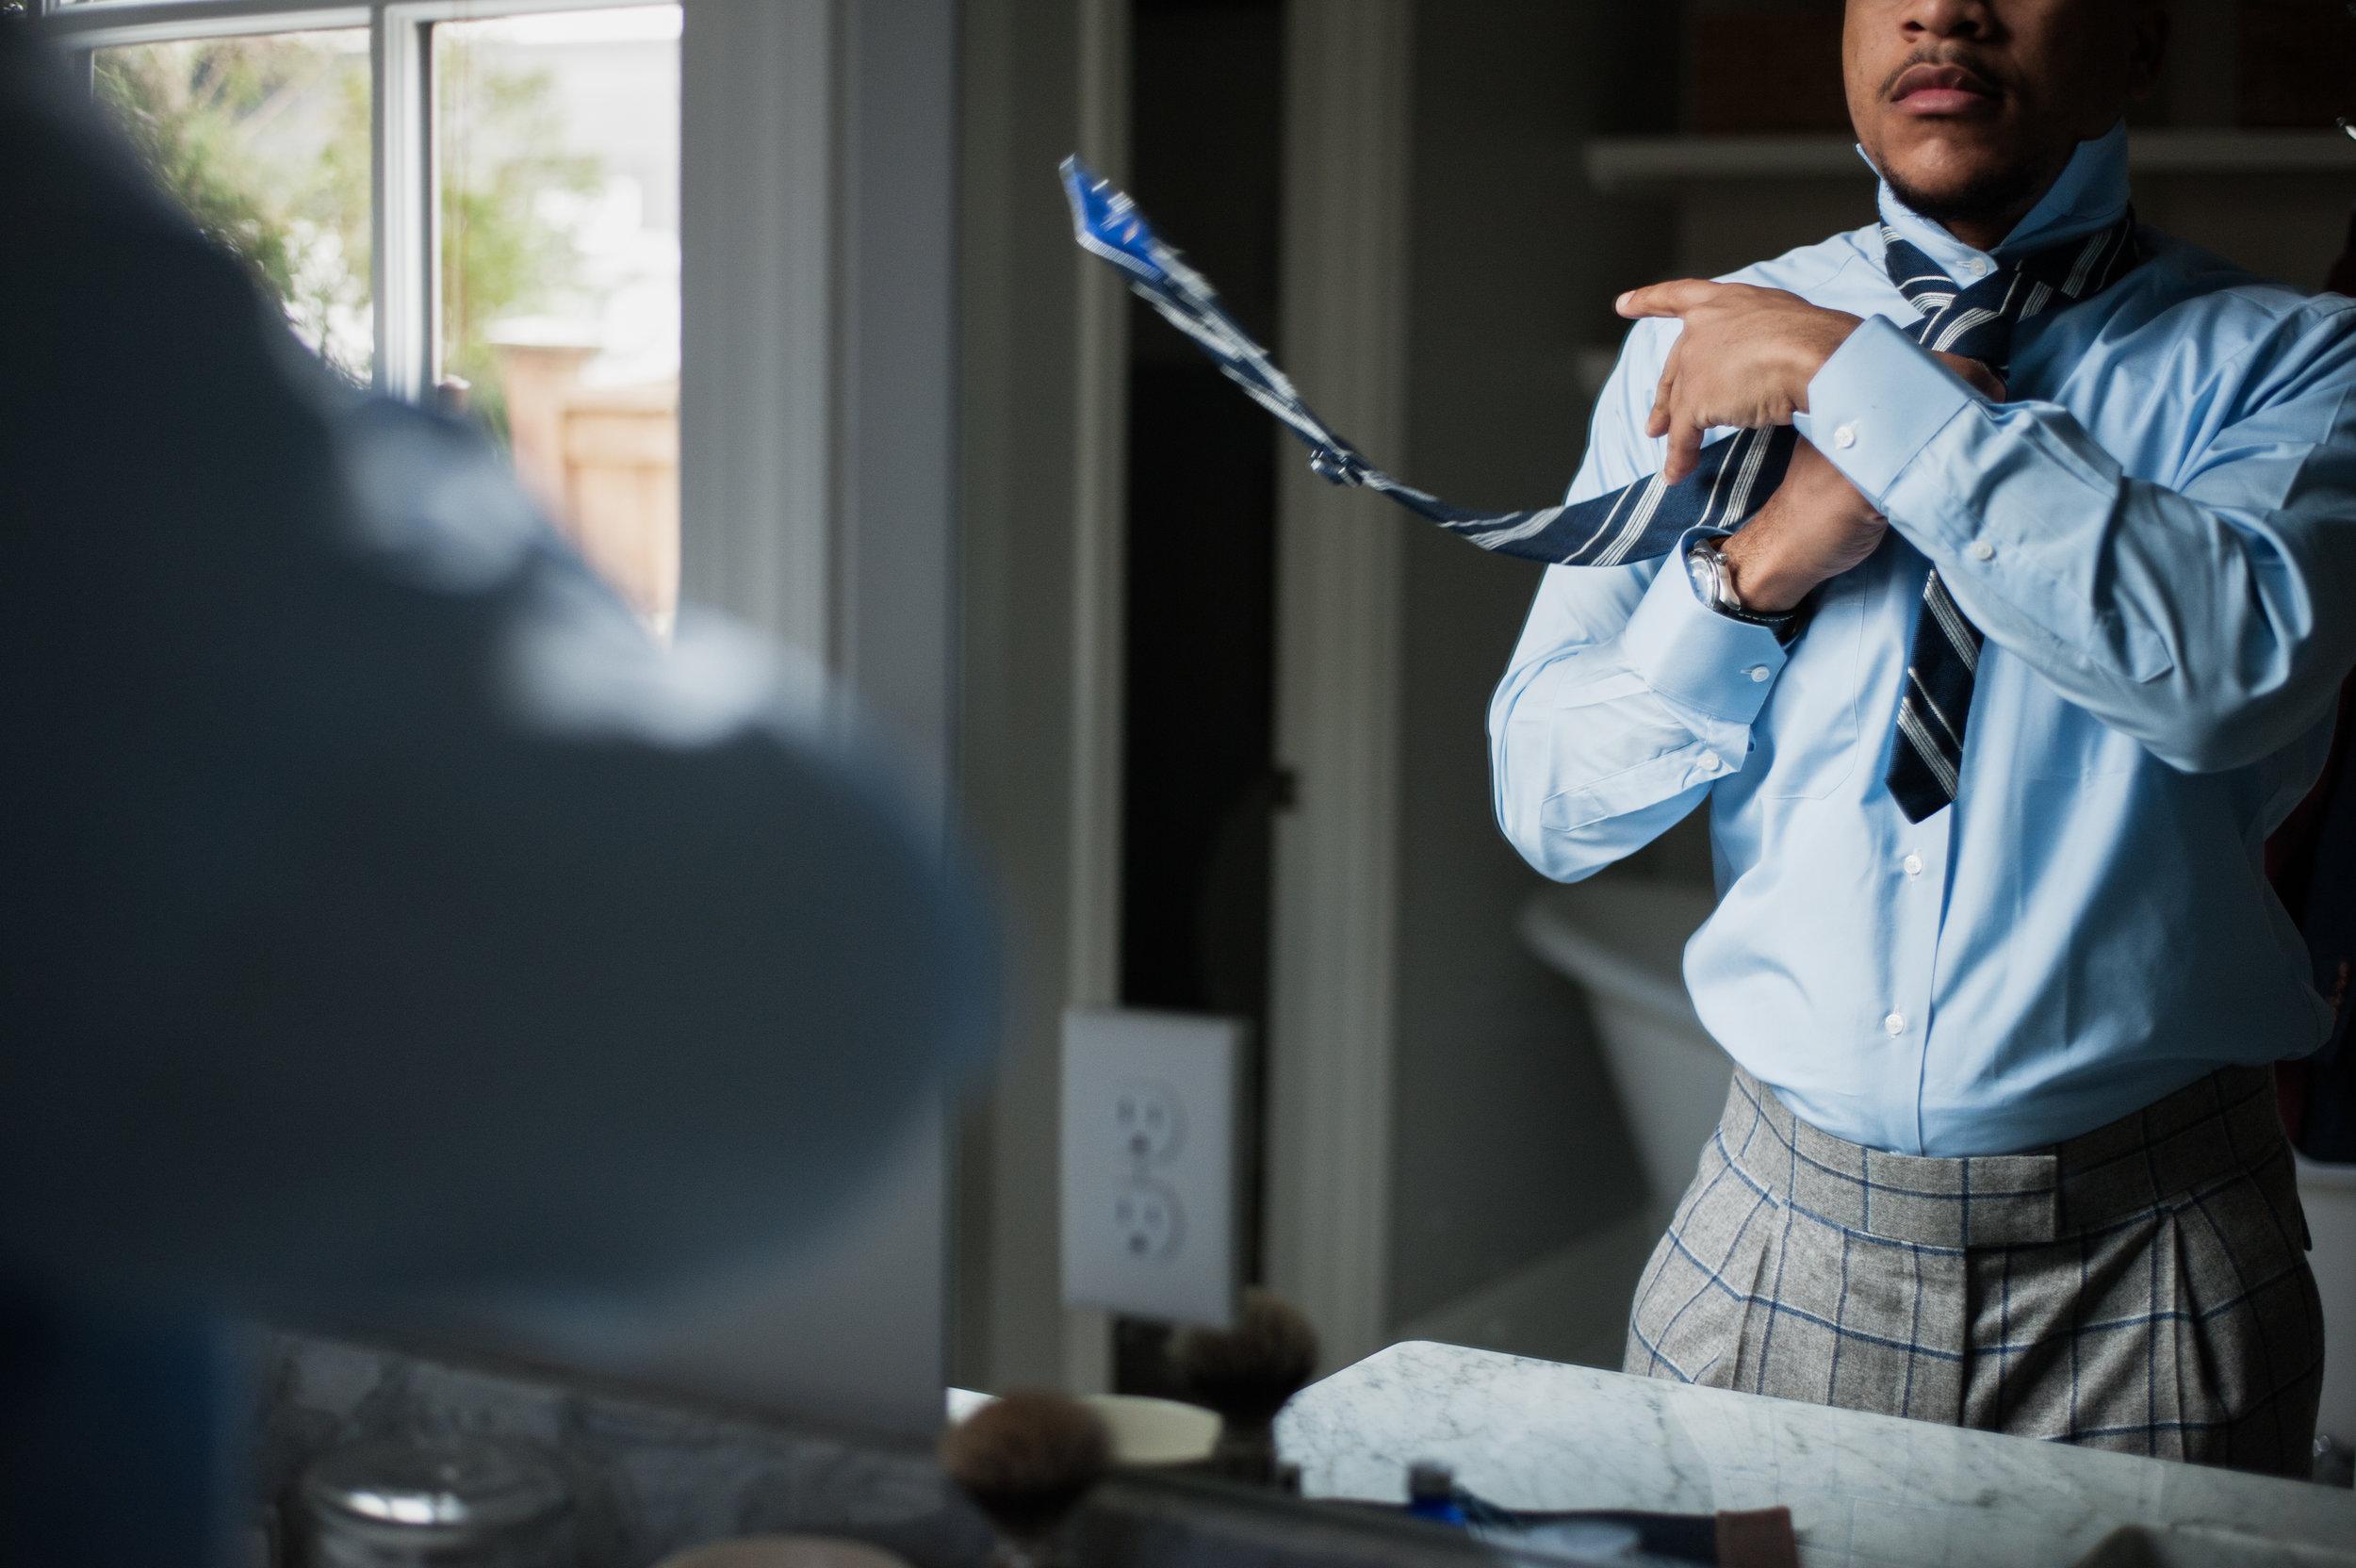 tying a custom blue tie on a custom blue shirt by stitch it shirt